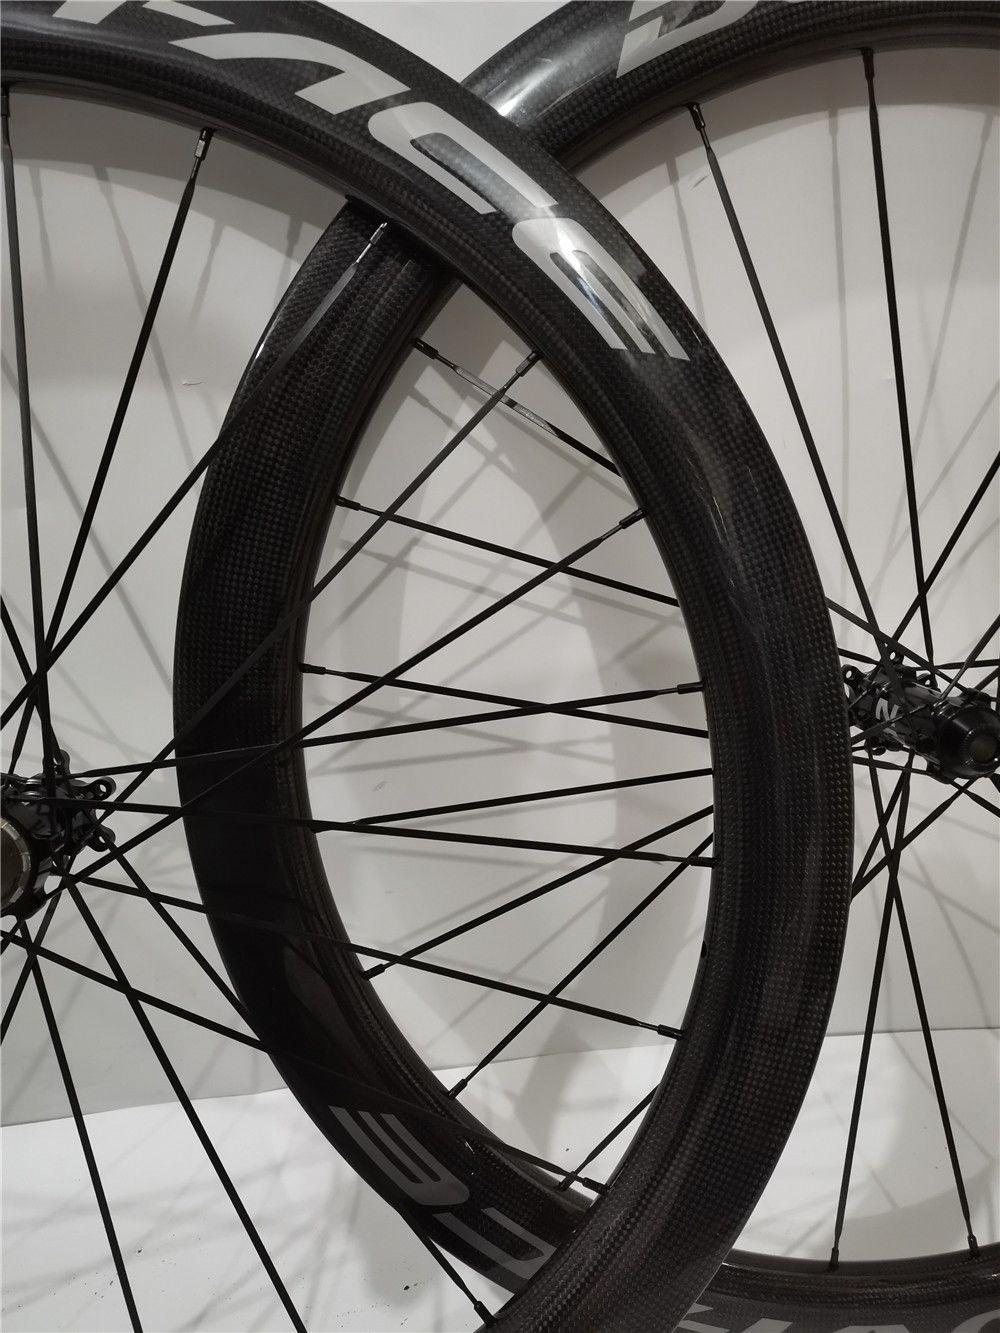 فائقة ضوء الكربون عجلات dt240 مركبات DT240 1432 المتحدث 700C الطريق دراجة قرص الفرامل العجلات 2 سنوات الضمان